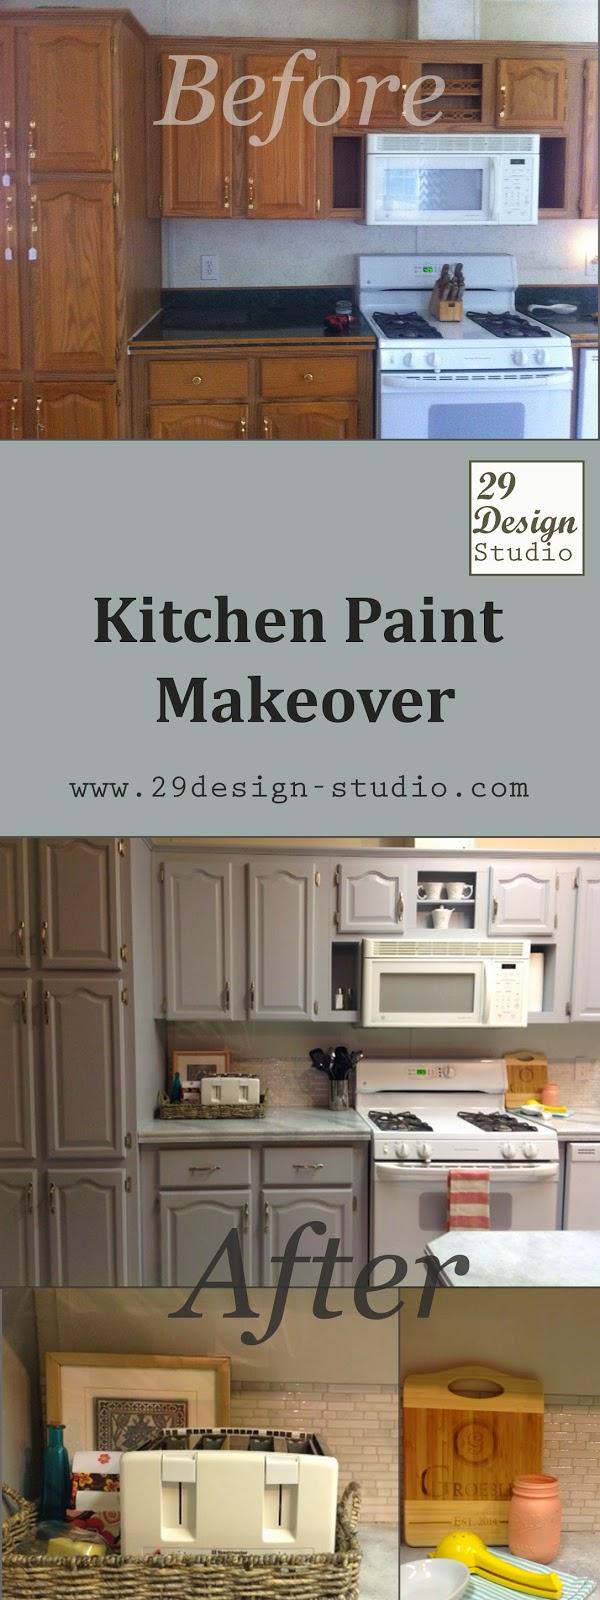 29 Design Studio: Blue-Gray Kitchen makeover